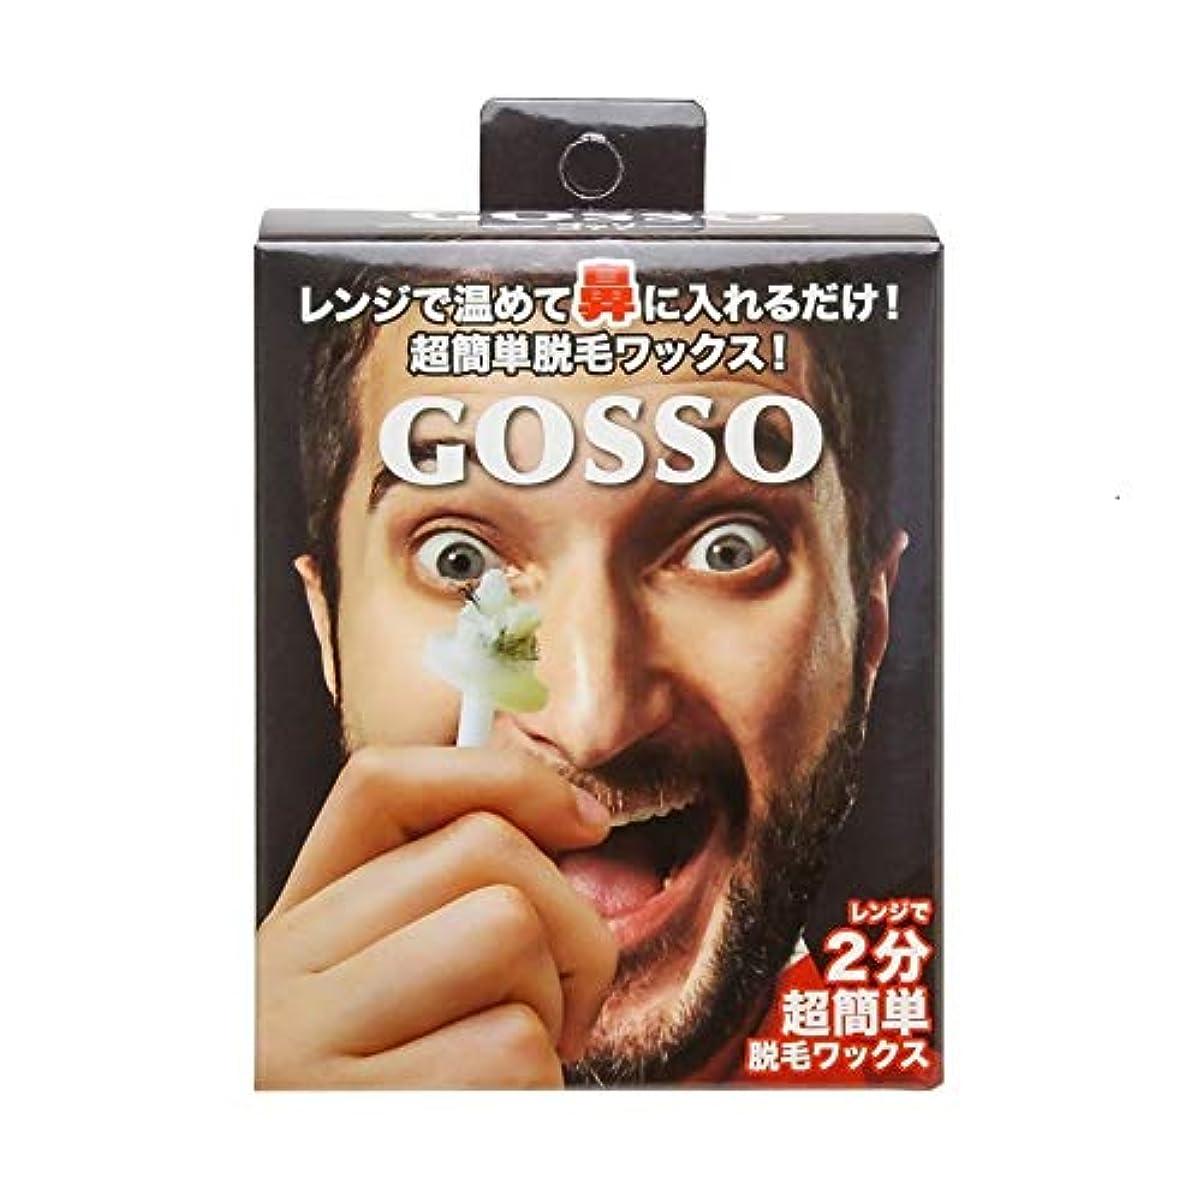 幻滅する捨てるカウンタGOSSO ゴッソ (ブラジリアンワックス鼻毛脱毛セット)